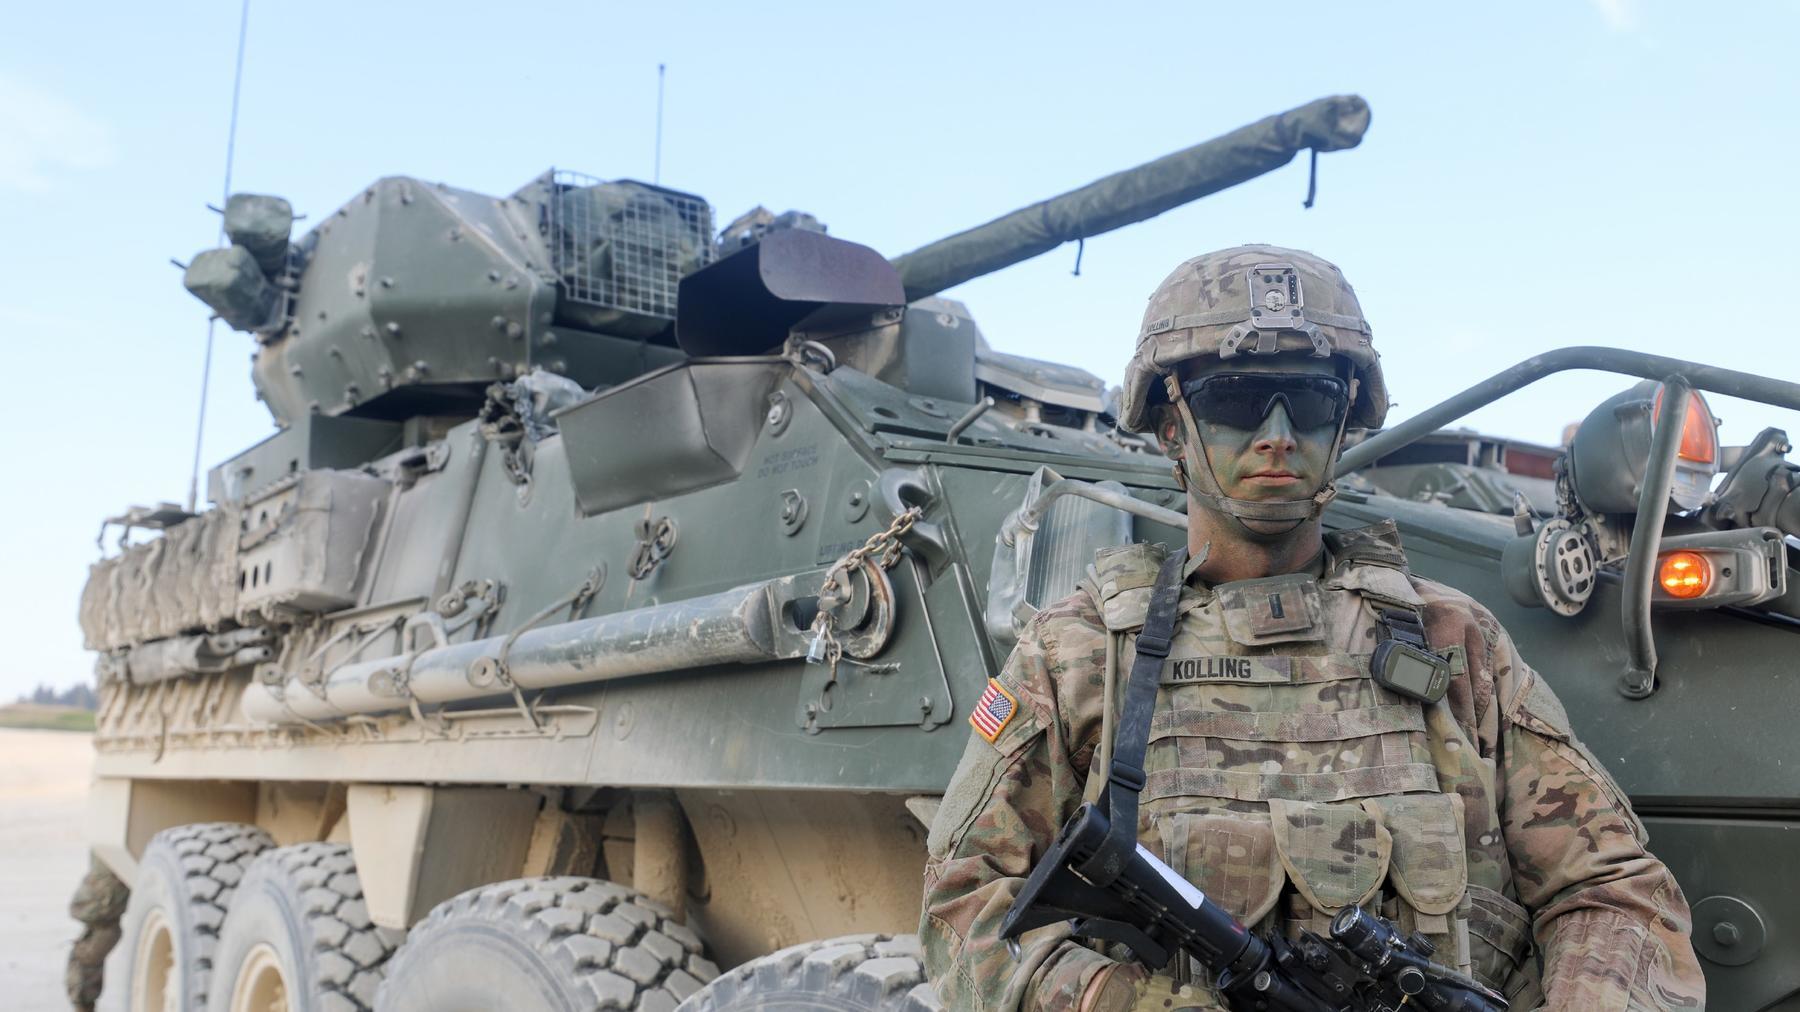 Geniale Technik - Der Schützenpanzer Stryker